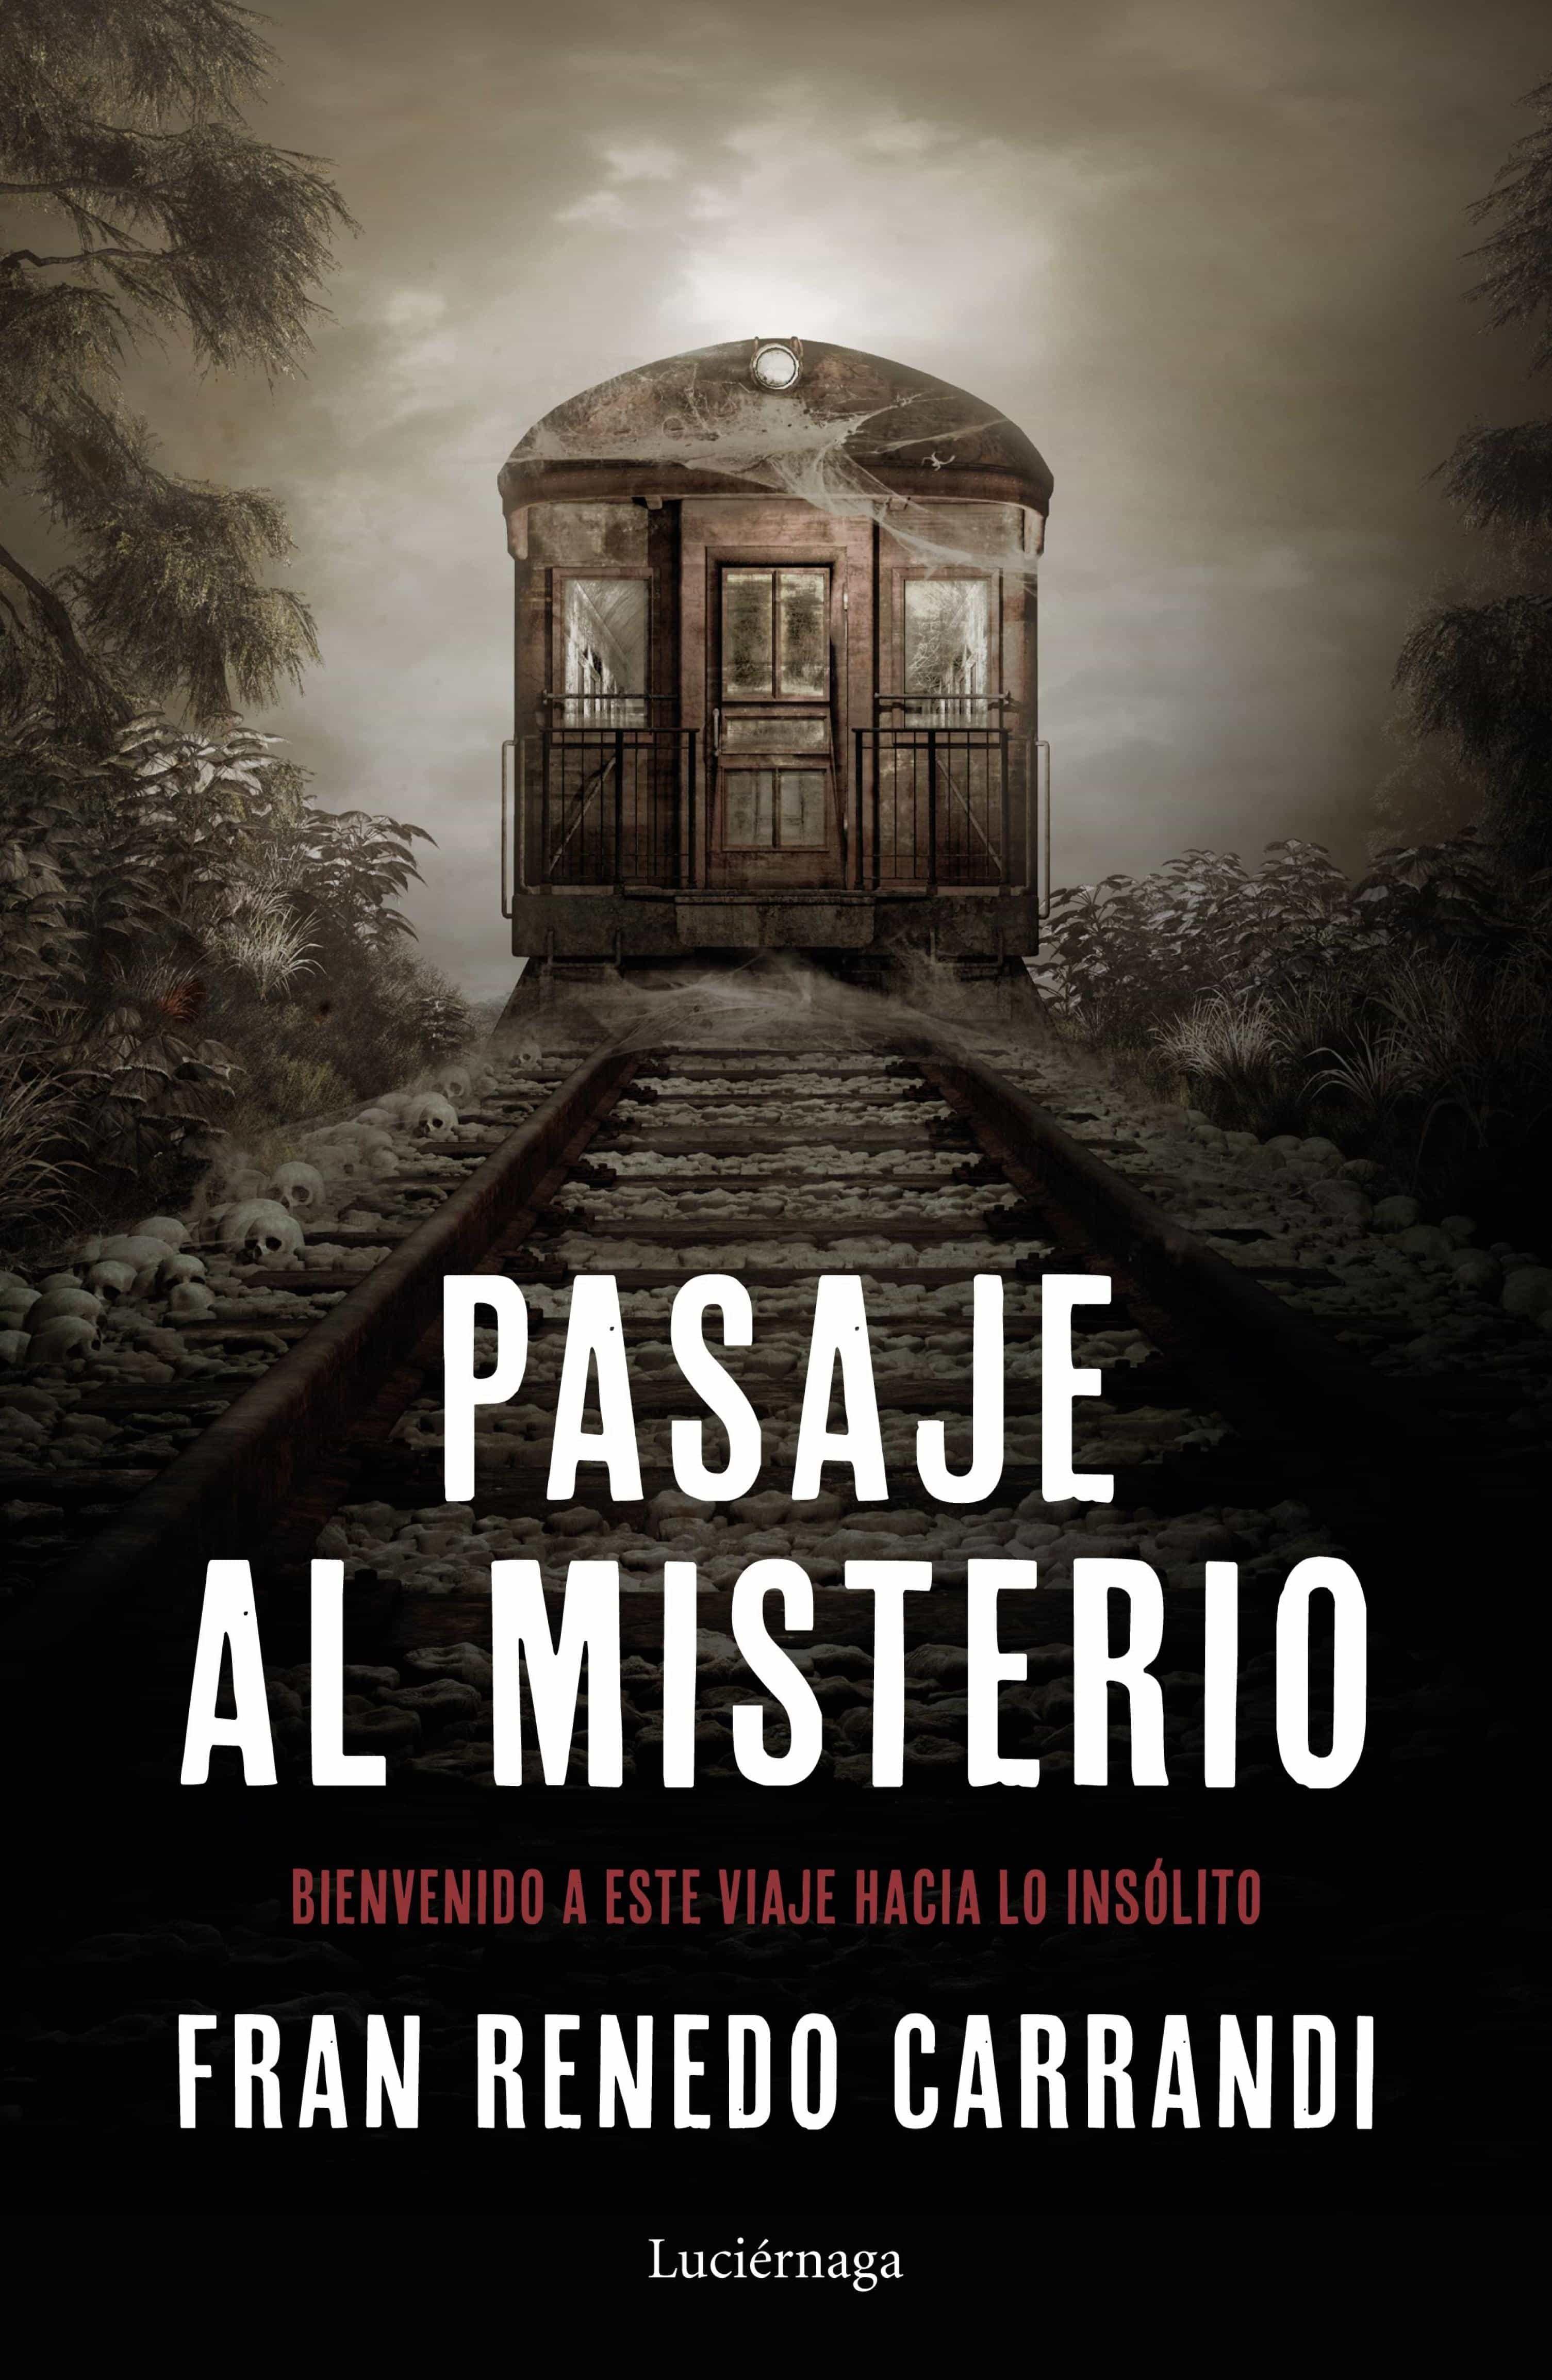 PASAJE AL MISTERIO EBOOK | FRAN RENEDO | Descargar libro